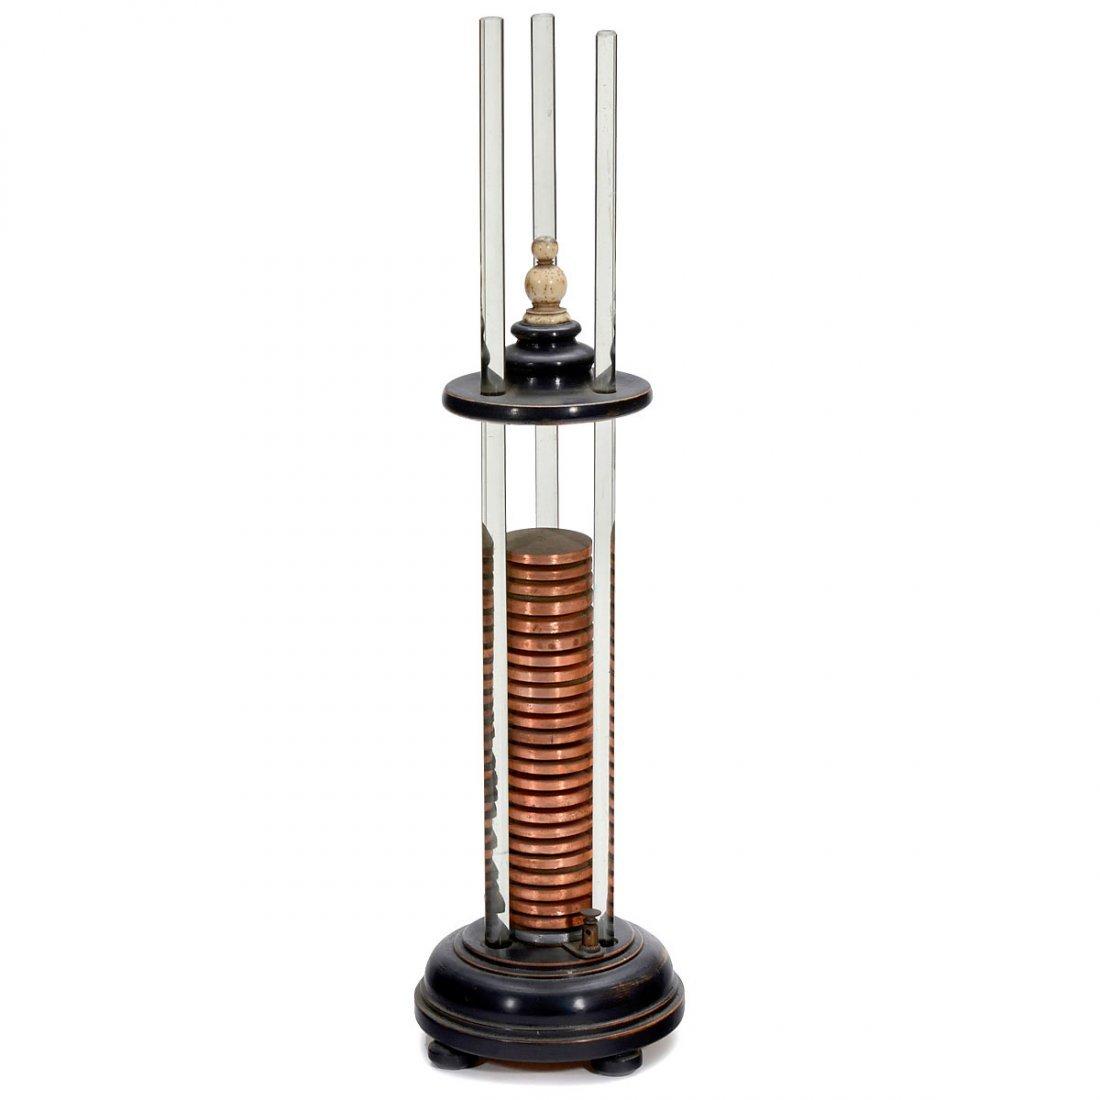 Large Voltaic Pillar, c. 1870